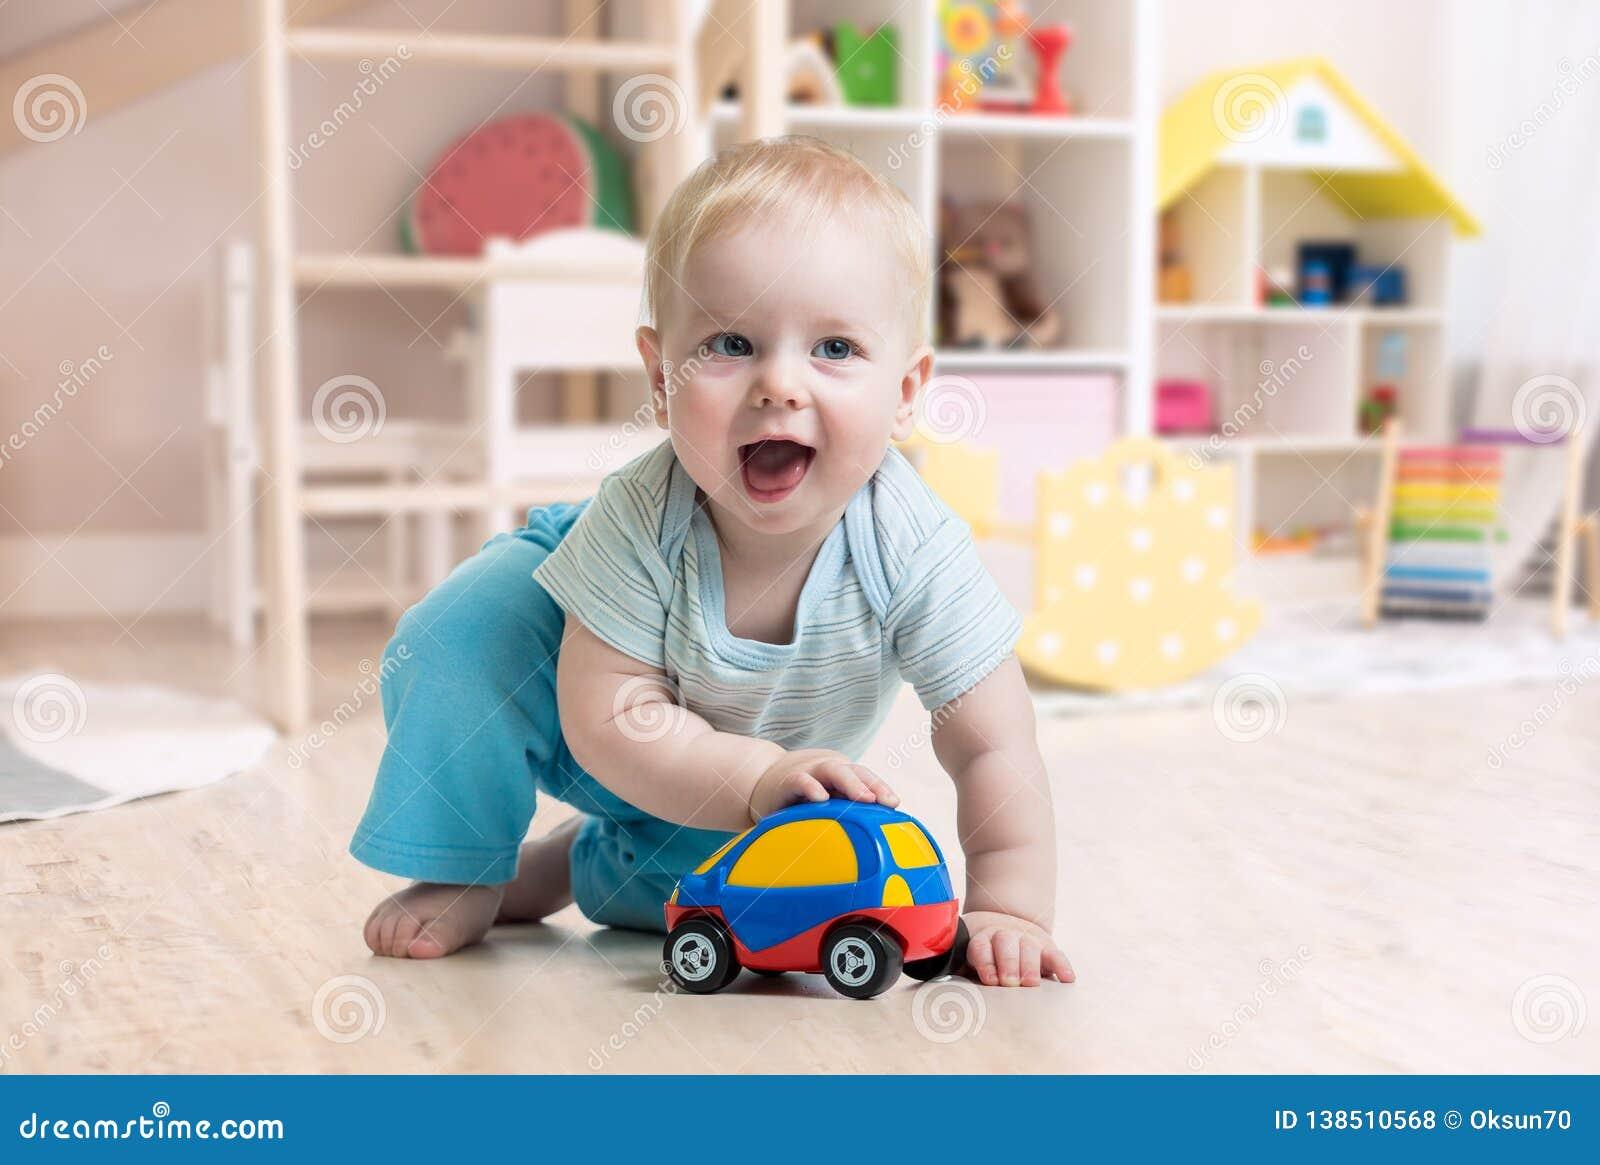 Bebé divertido que juega el juguete en cuarto de niños